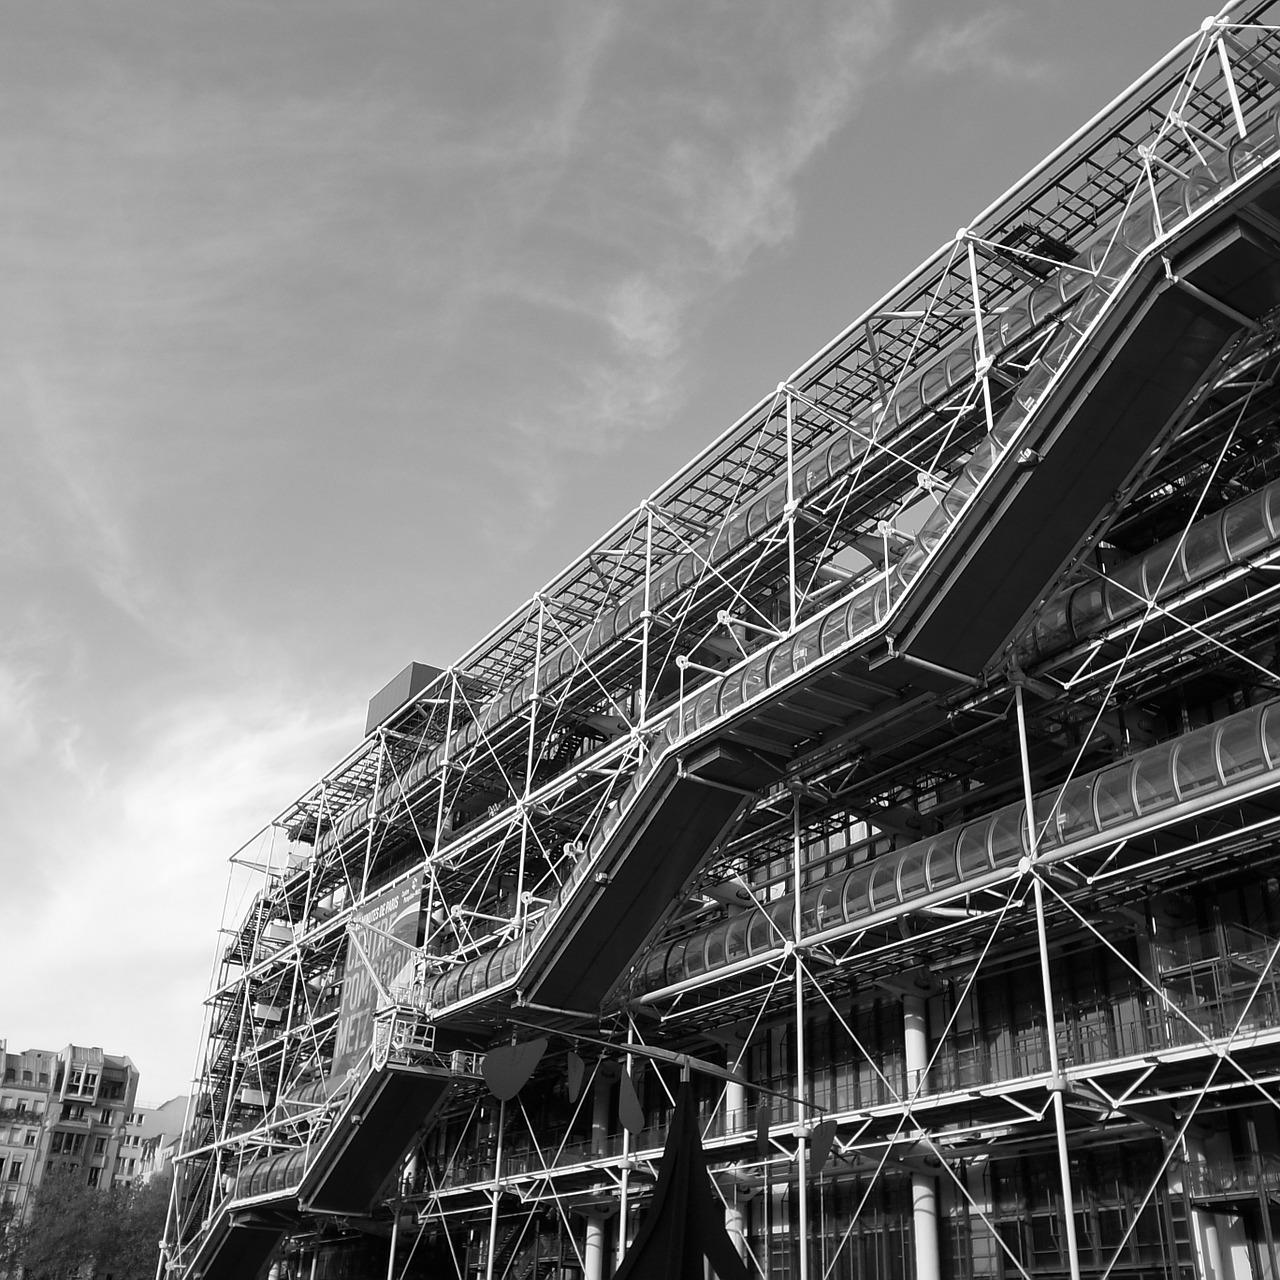 Composition déjouée,hommage à Jean-François Lyotard par Nicolas Frize - LE 25 OCTOBRE 2018 Paris, Centre Pompidou 19H30